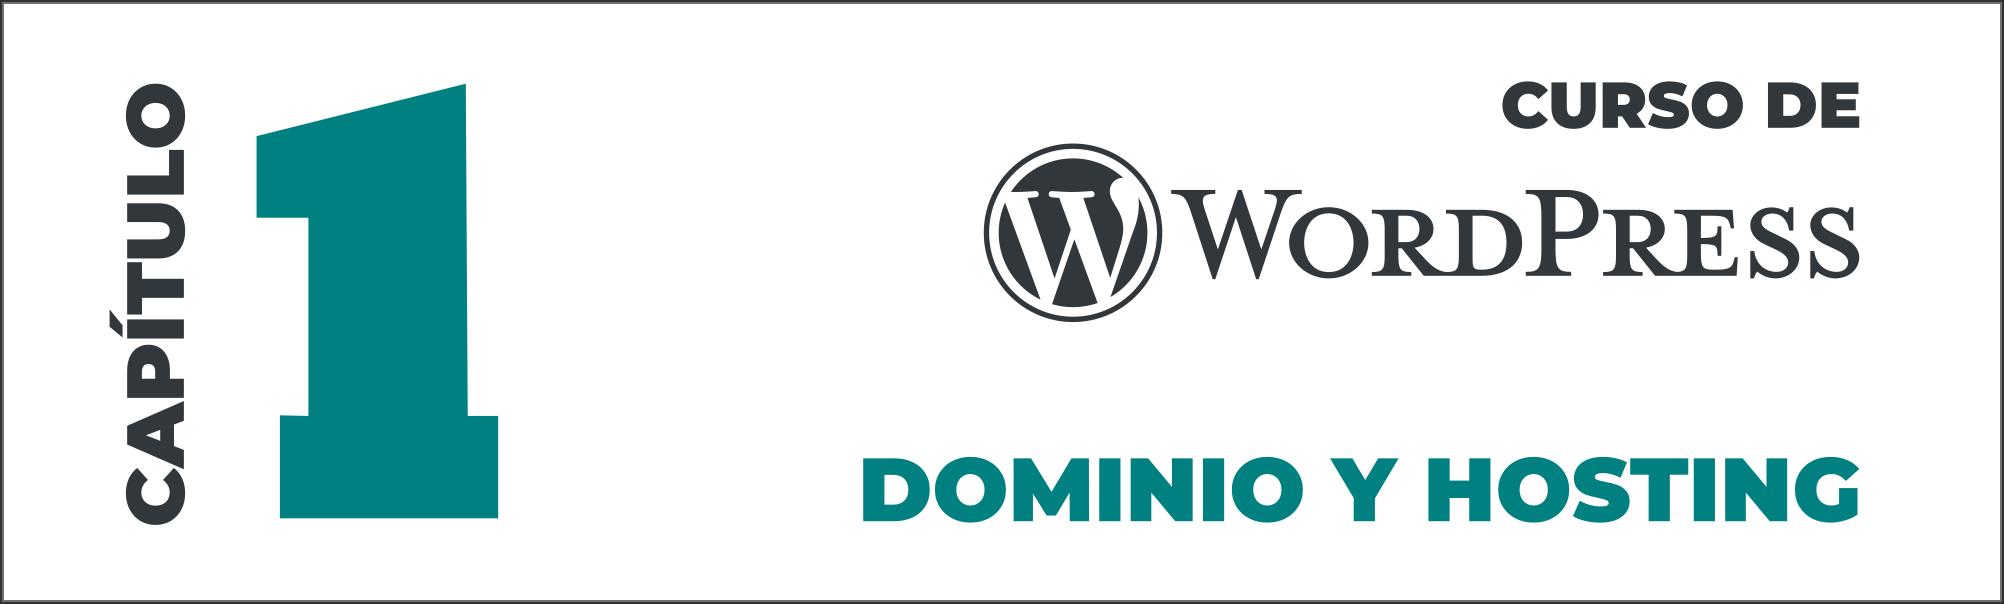 Curso de WordPress - Capítulo 1 (Dominio y Hosting)